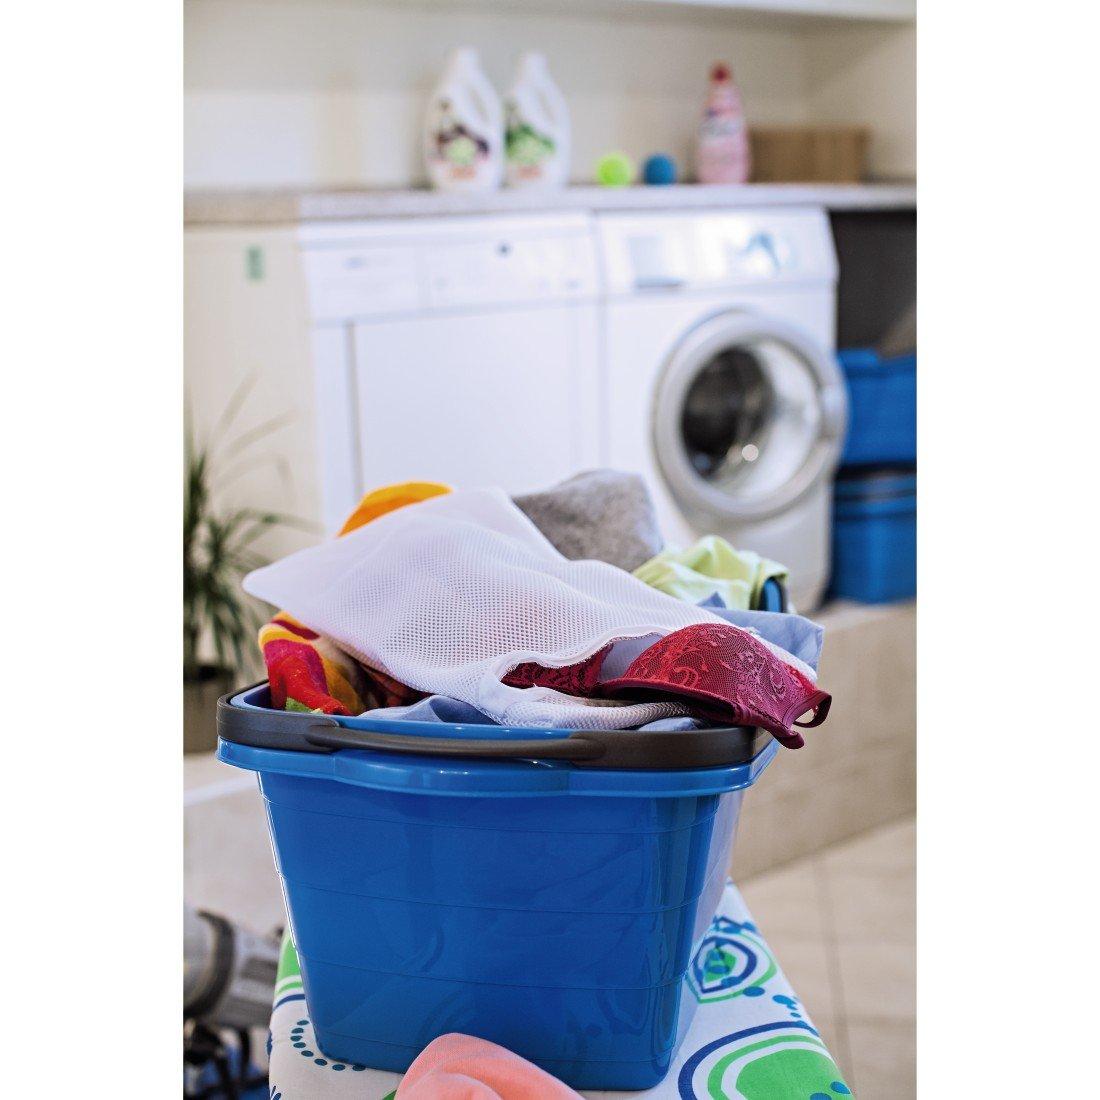 Premium W/äschenetz f/ür Dessous, BH, Strumpfhosen, Socken und Str/ümpfe, Kaschmir, Merino oder Baby-Kleidung, Waschsack gepolstert, 45 x 25 cm, f/ür 1 kg W/äsche Xavax W/äschesack f/ür Waschmaschine